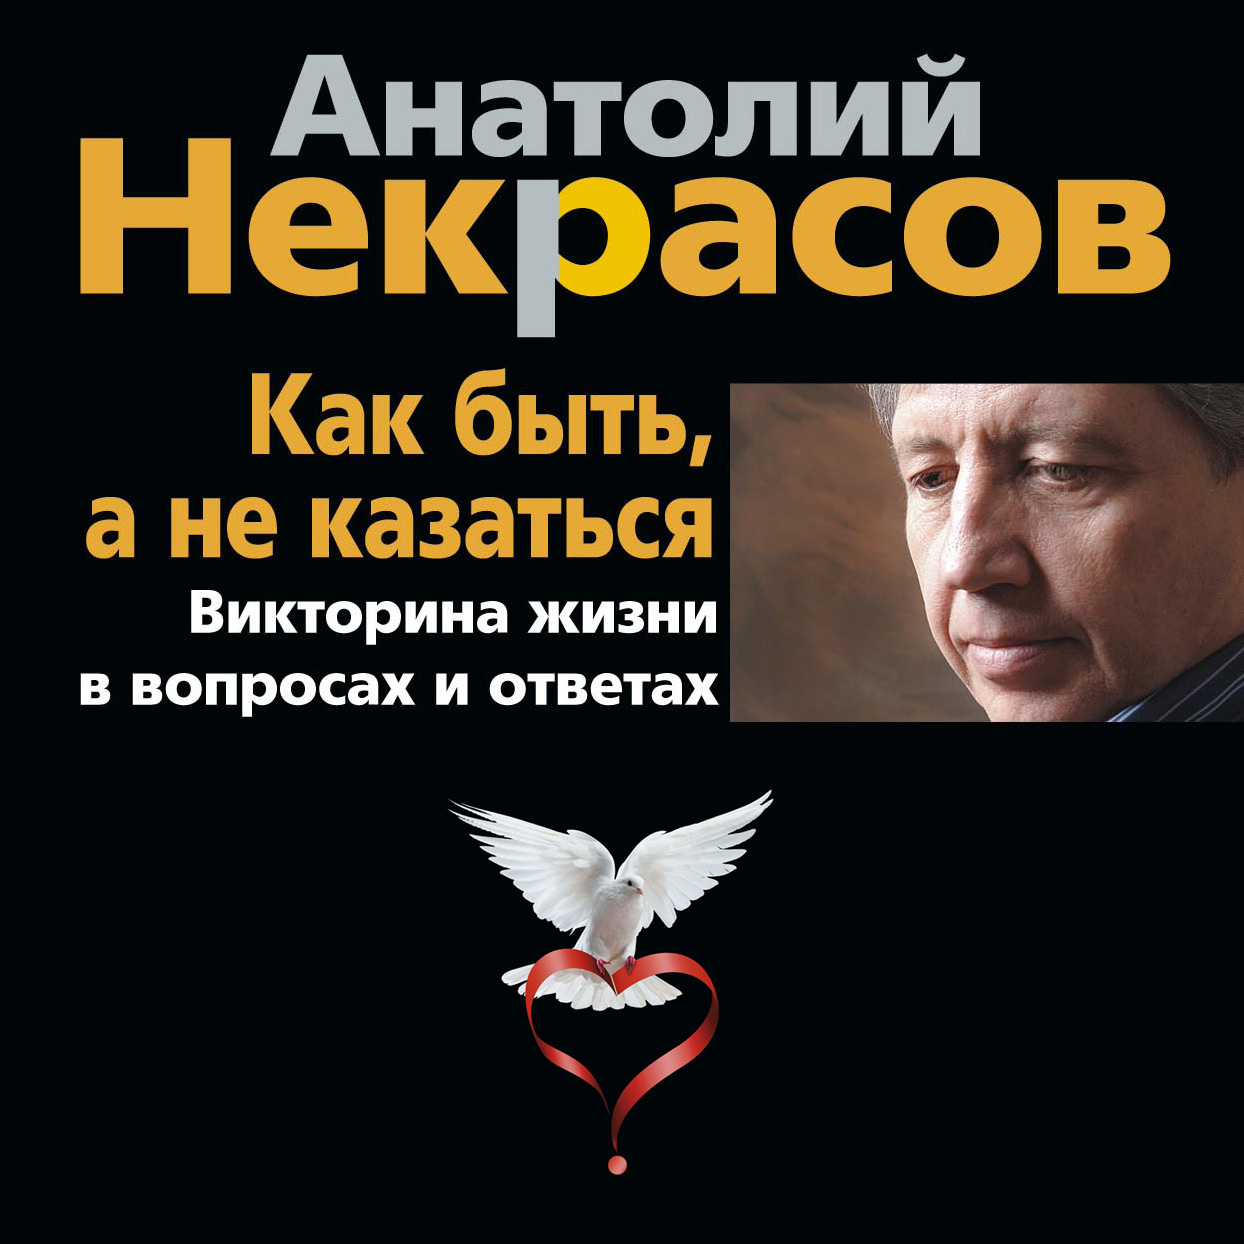 Анатолий Некрасов Как быть, а не казаться. Викторина жизни в вопросах и ответах цена